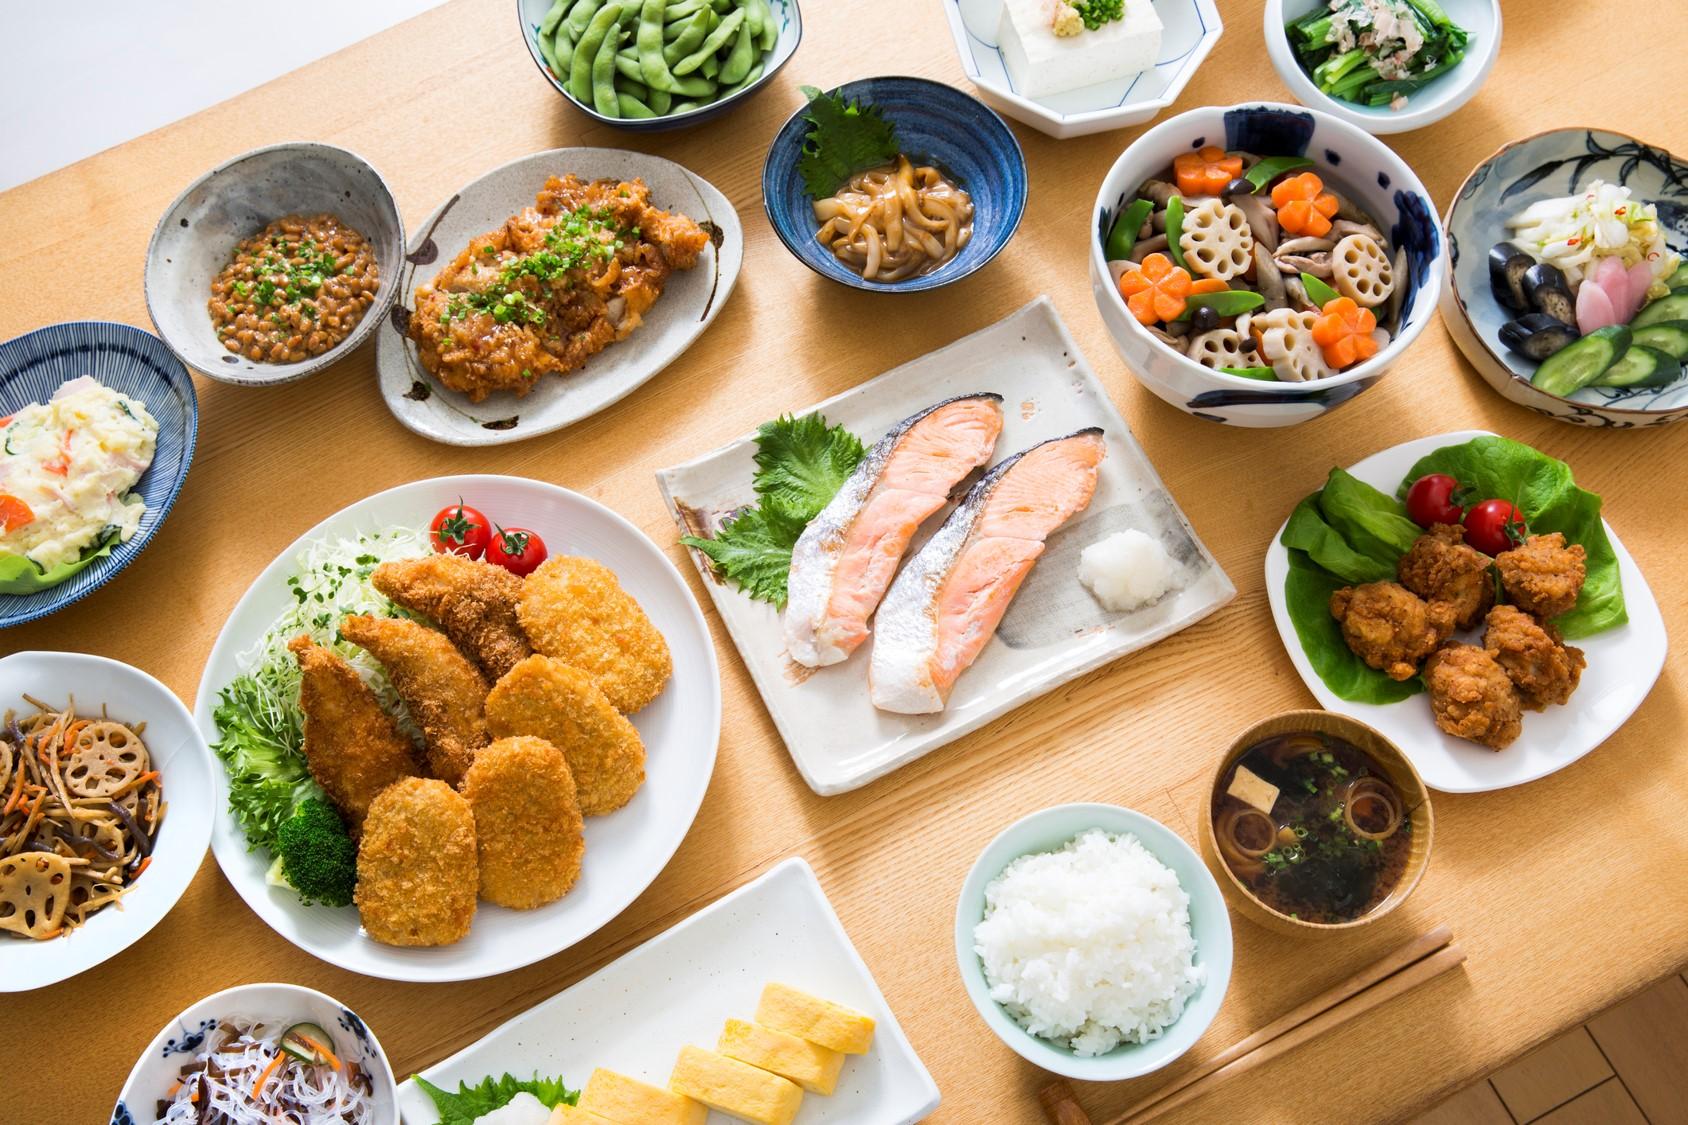 今年は料理の意欲が高まった年!? メニューからみた食卓調査2020